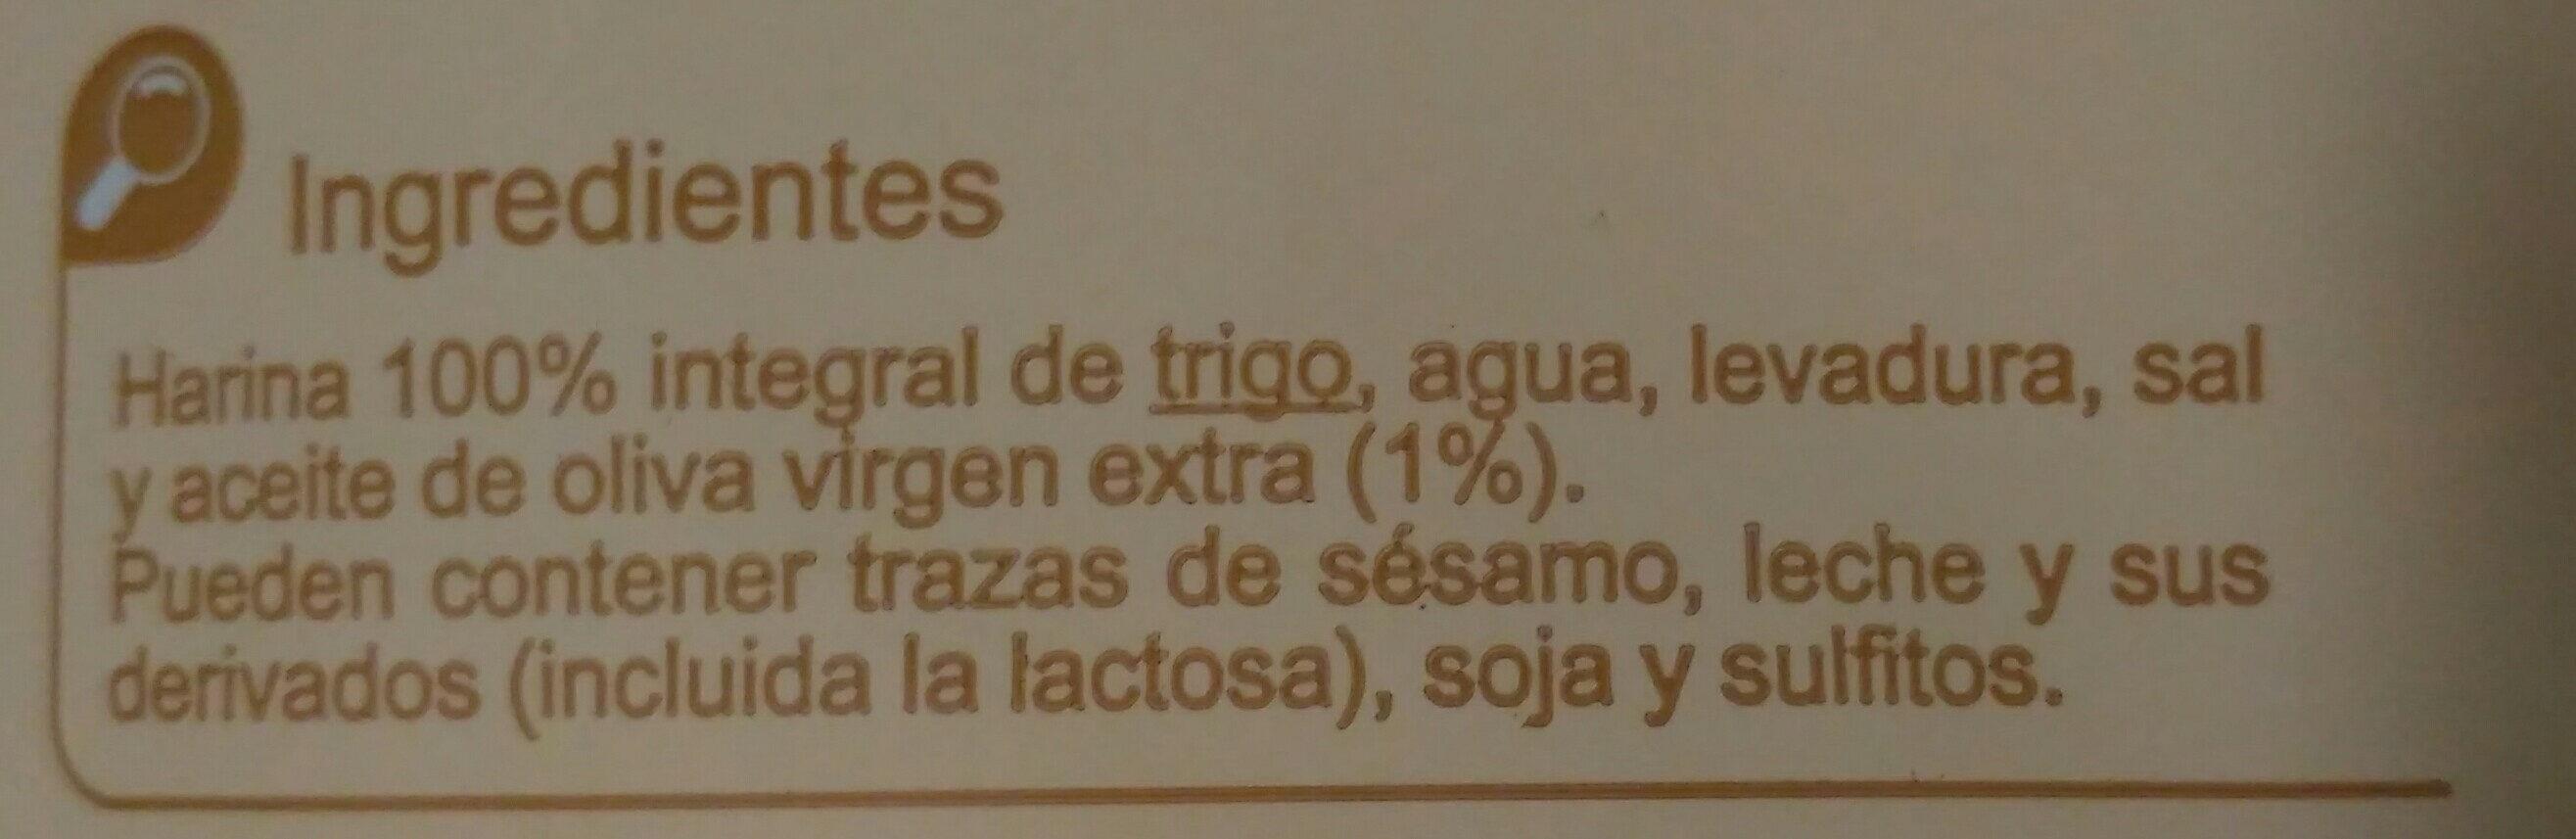 Colines 100% Integrales - Ingredients - es